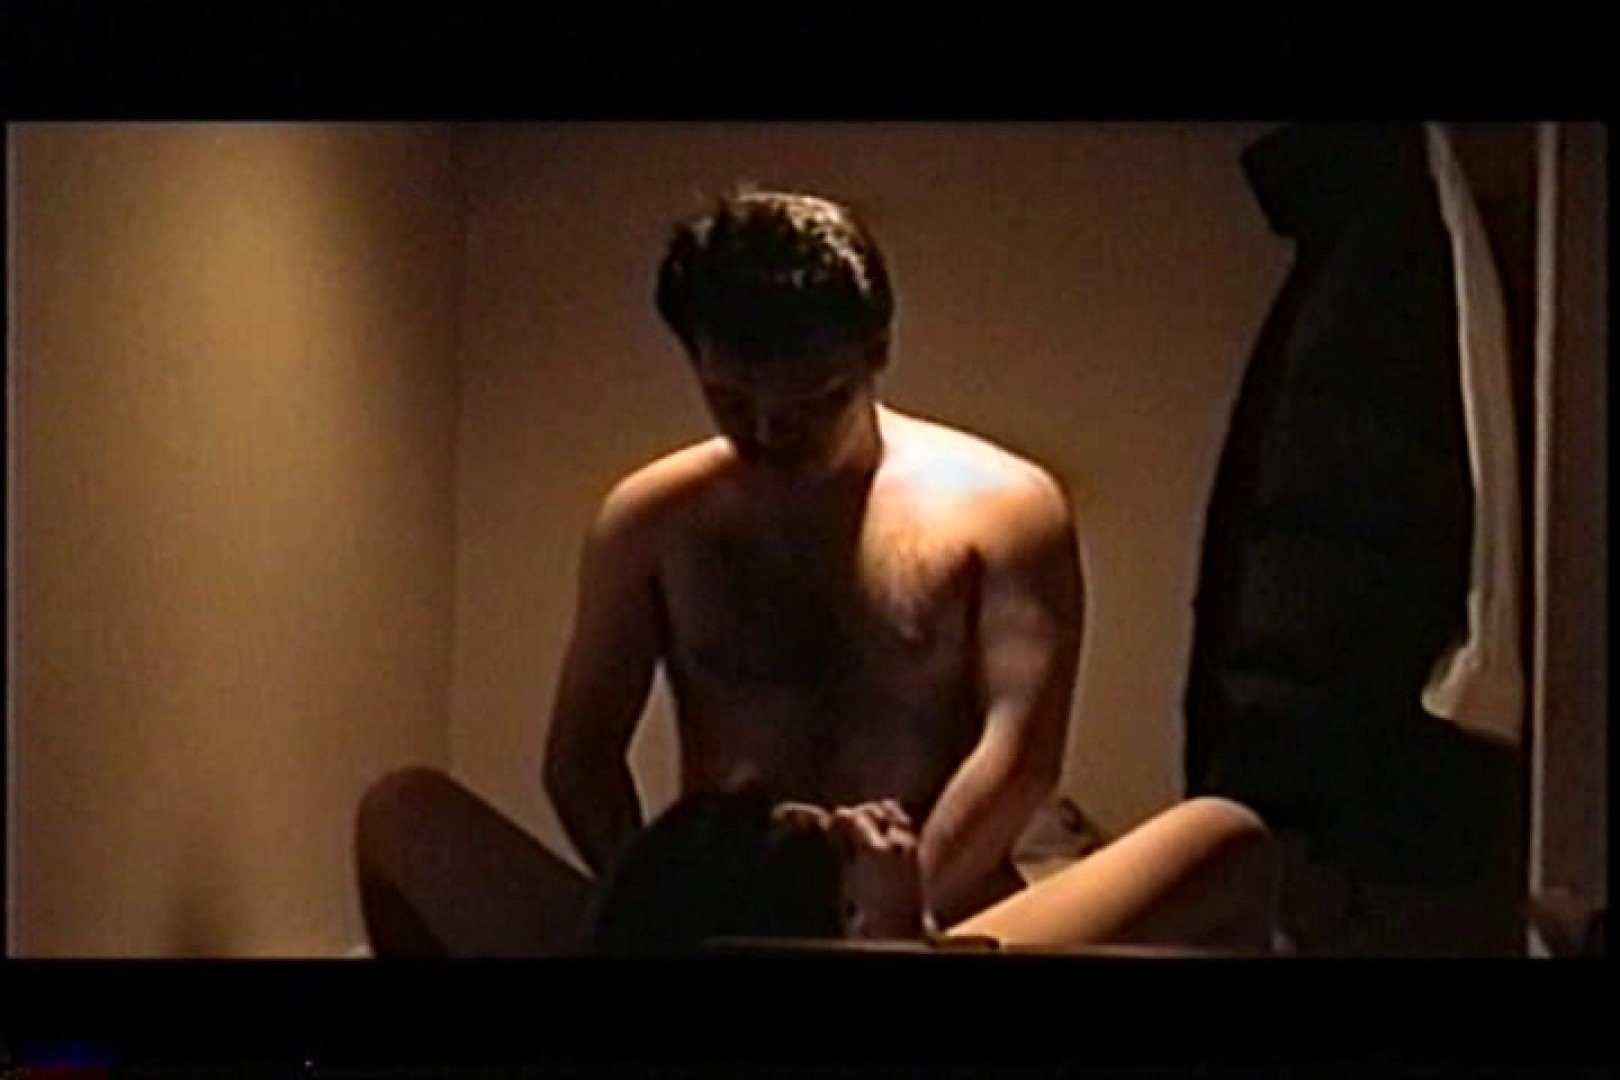 デリ嬢マル秘撮り本物投稿版② フェラチオ映像 盗み撮り動画 95pic 46